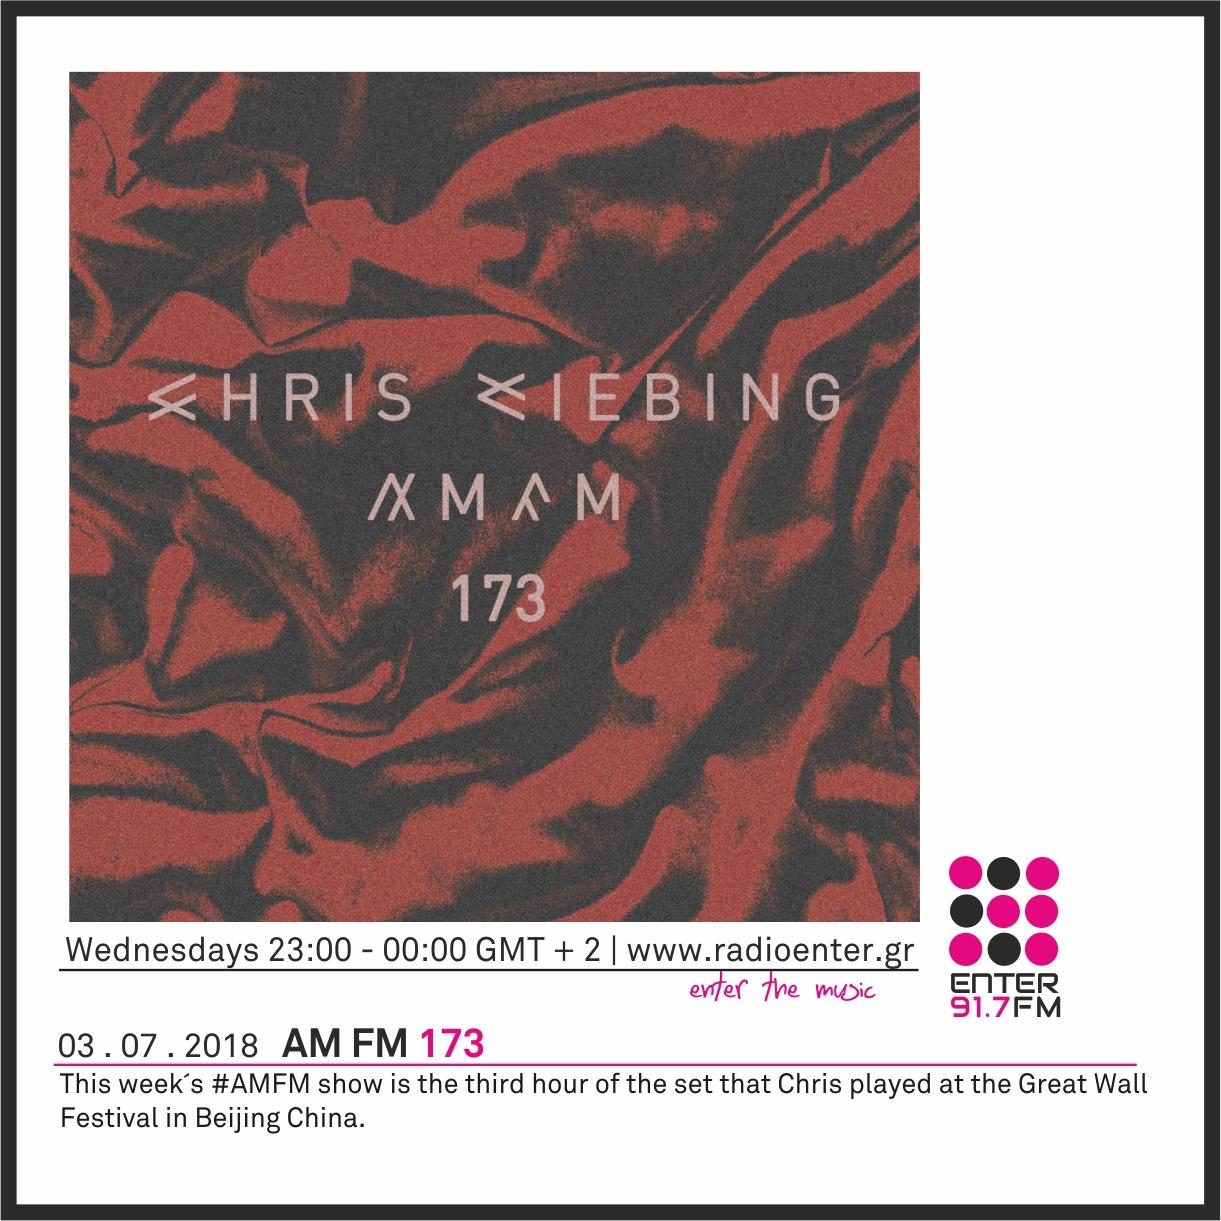 2018.07.03 - Chris Liebing AM FM 173